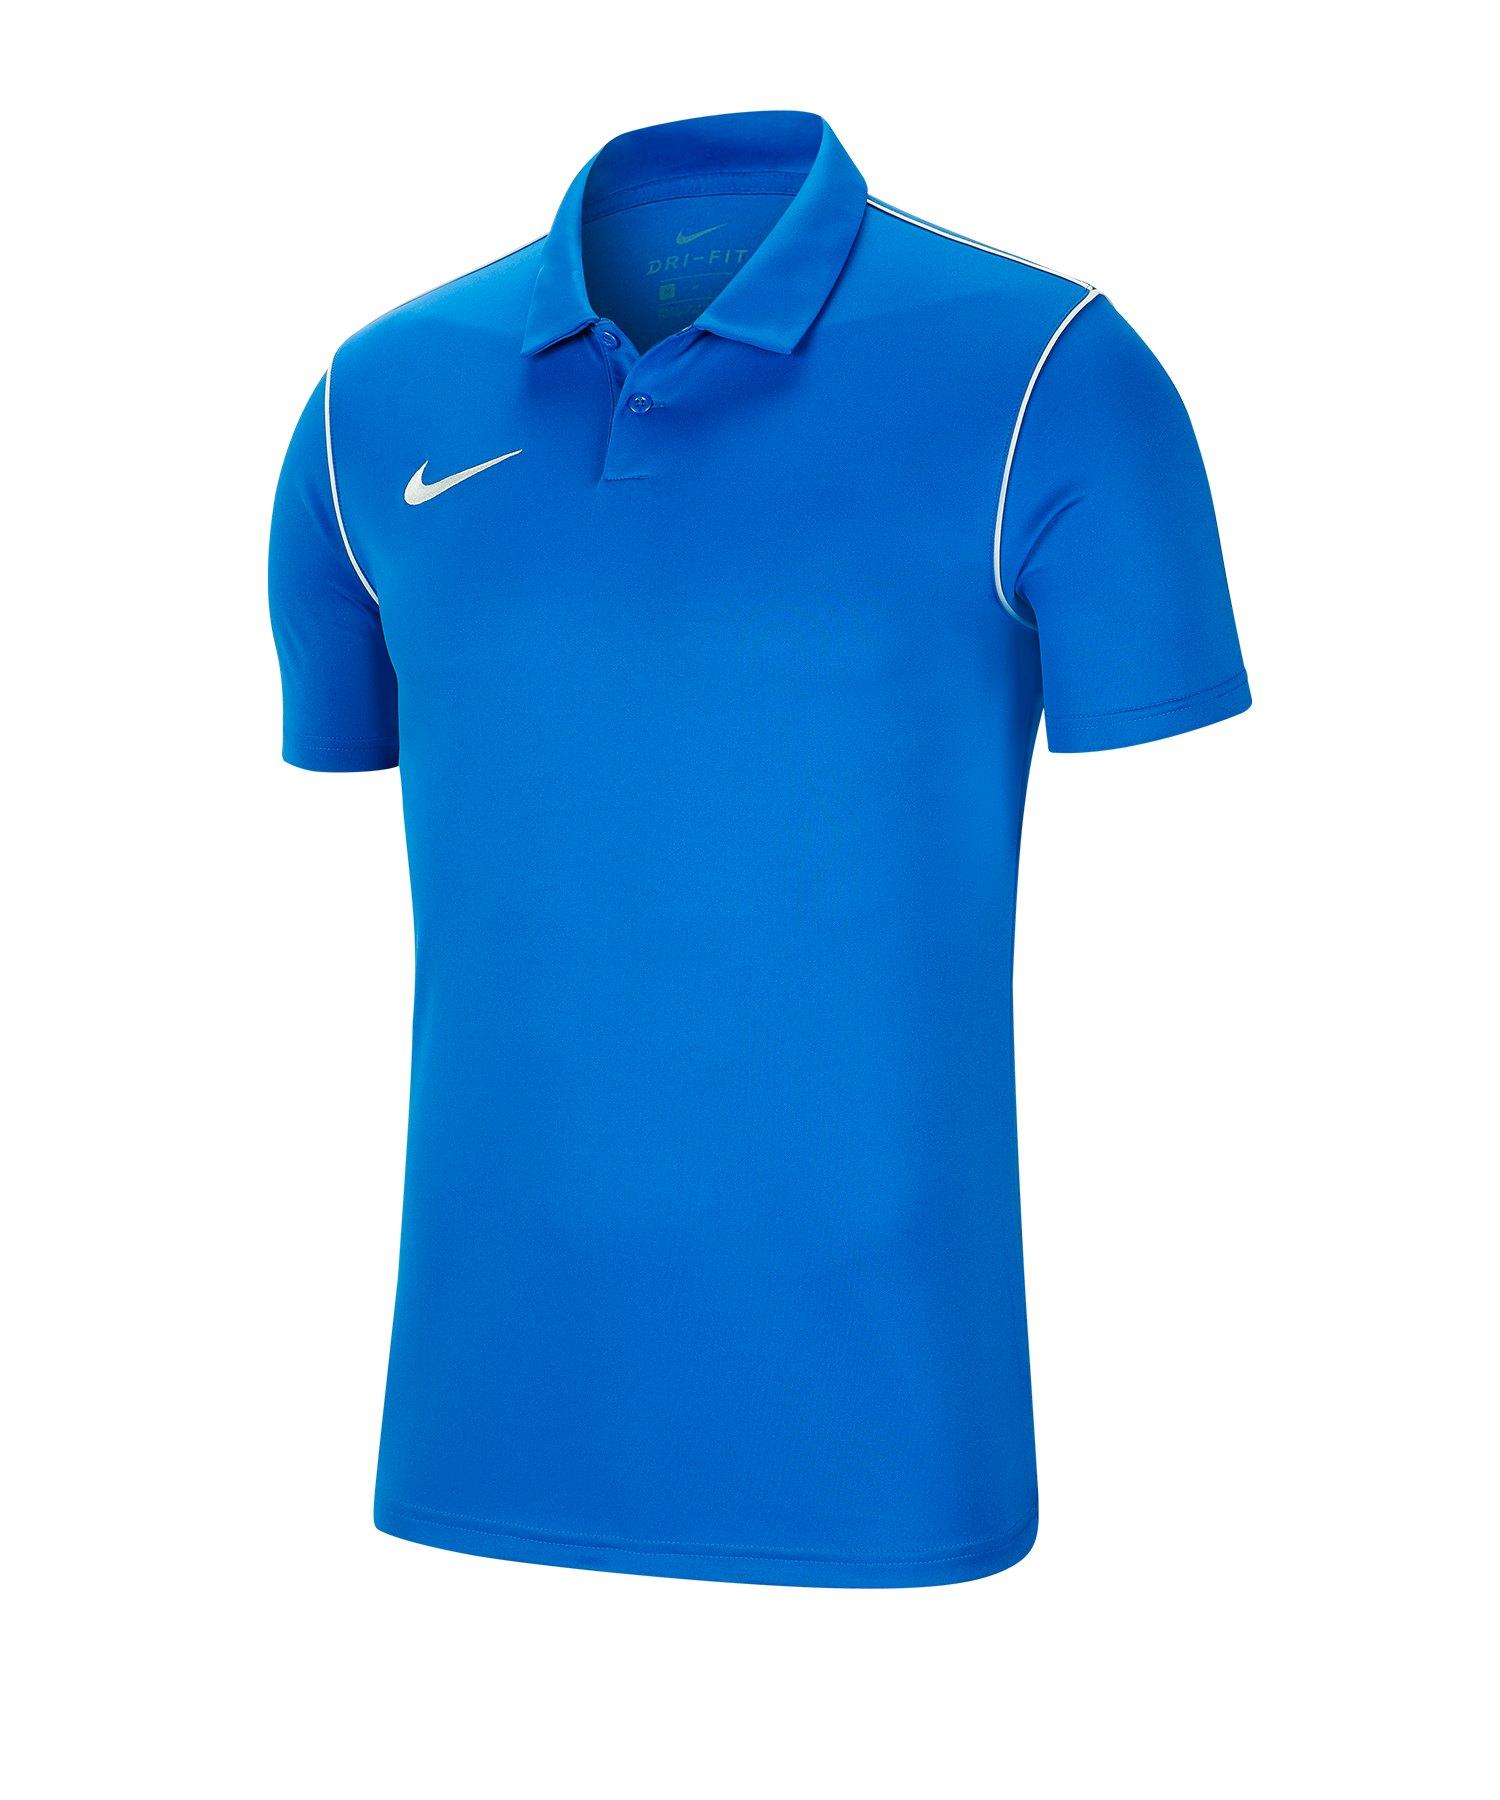 Nike Park 20 Poloshirt Kids Blau F463 - blau